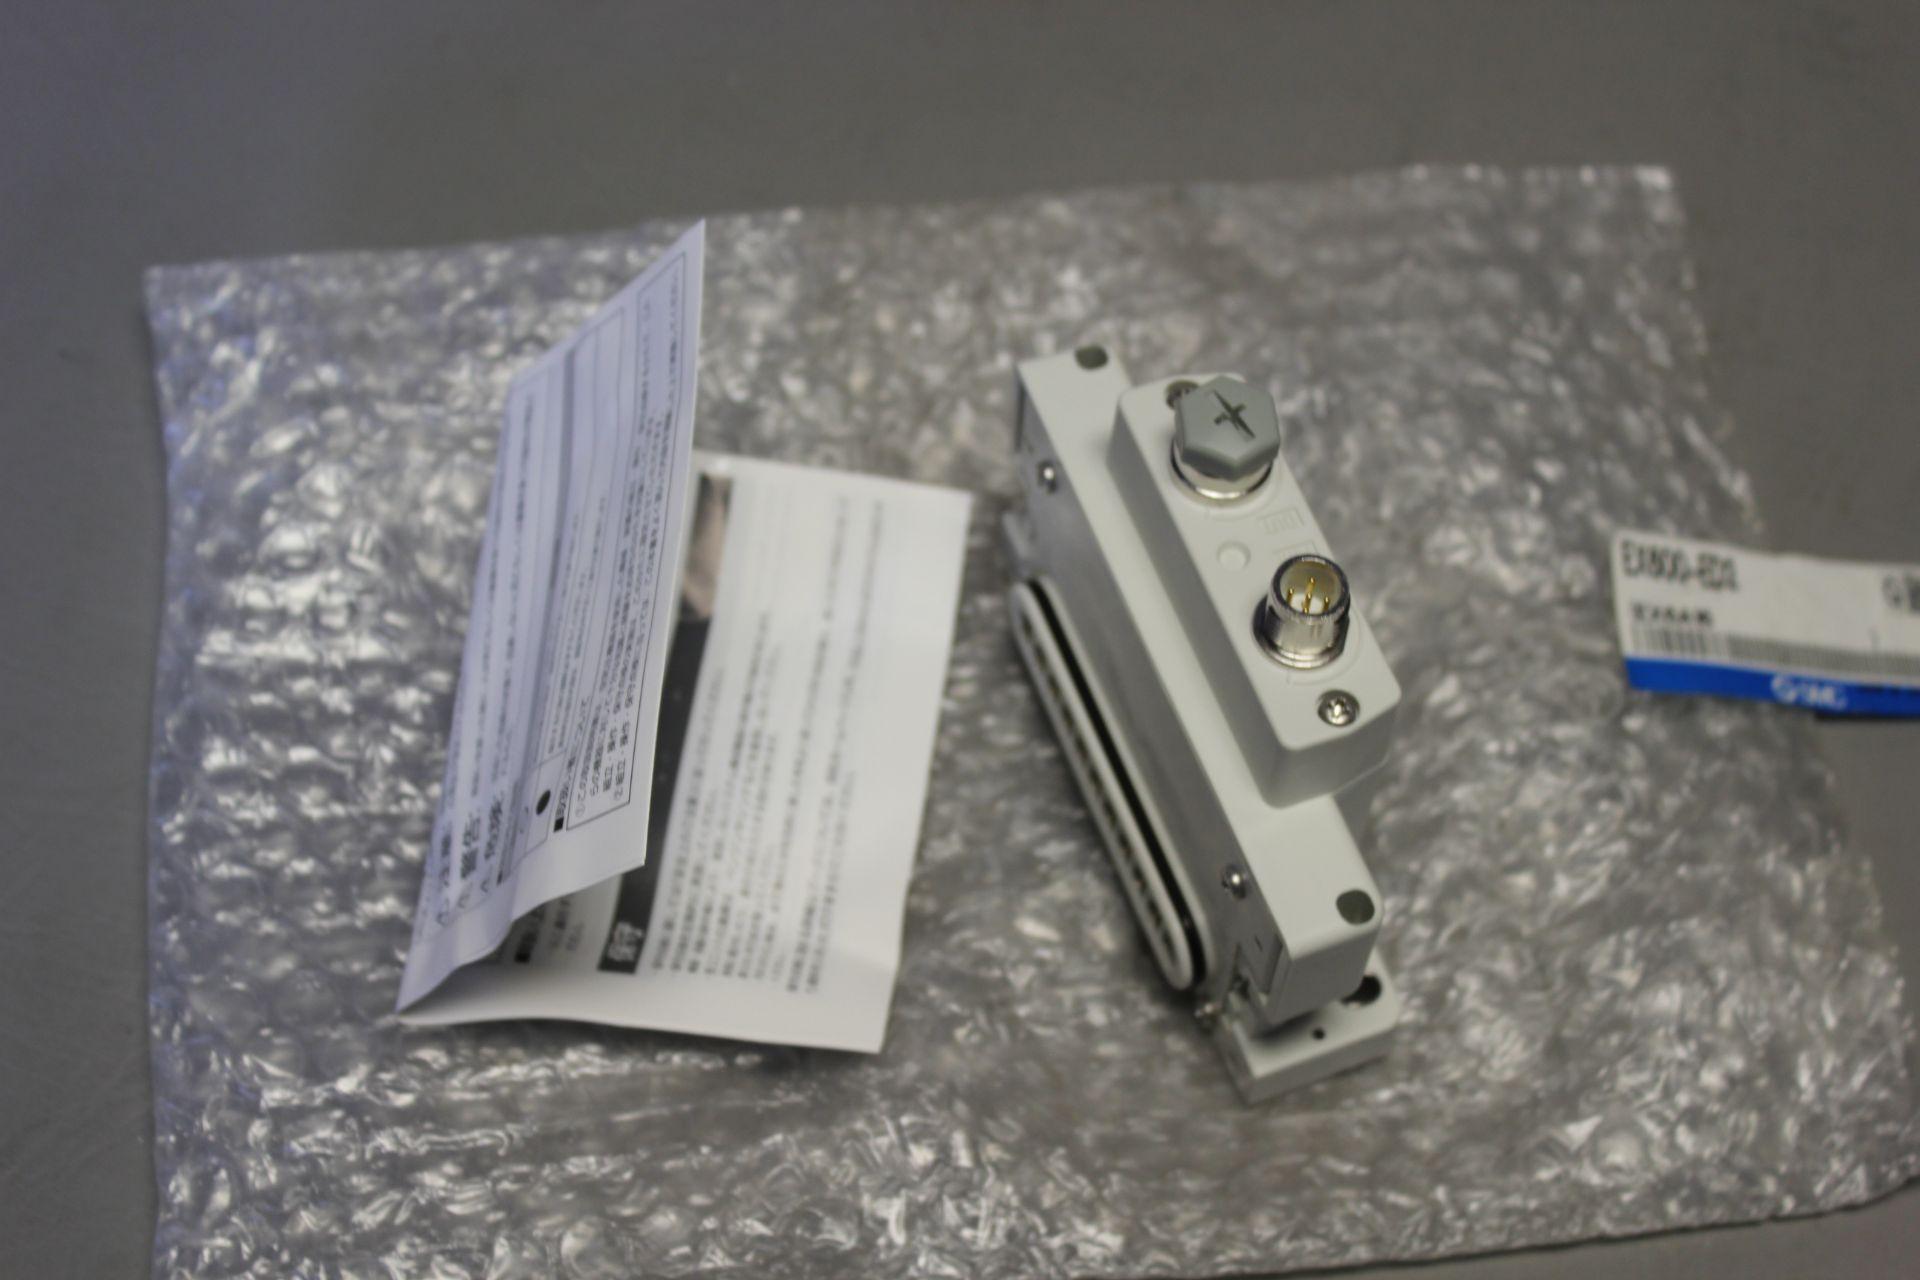 NEW SMC I/O MODULE END PLATE - Image 2 of 2